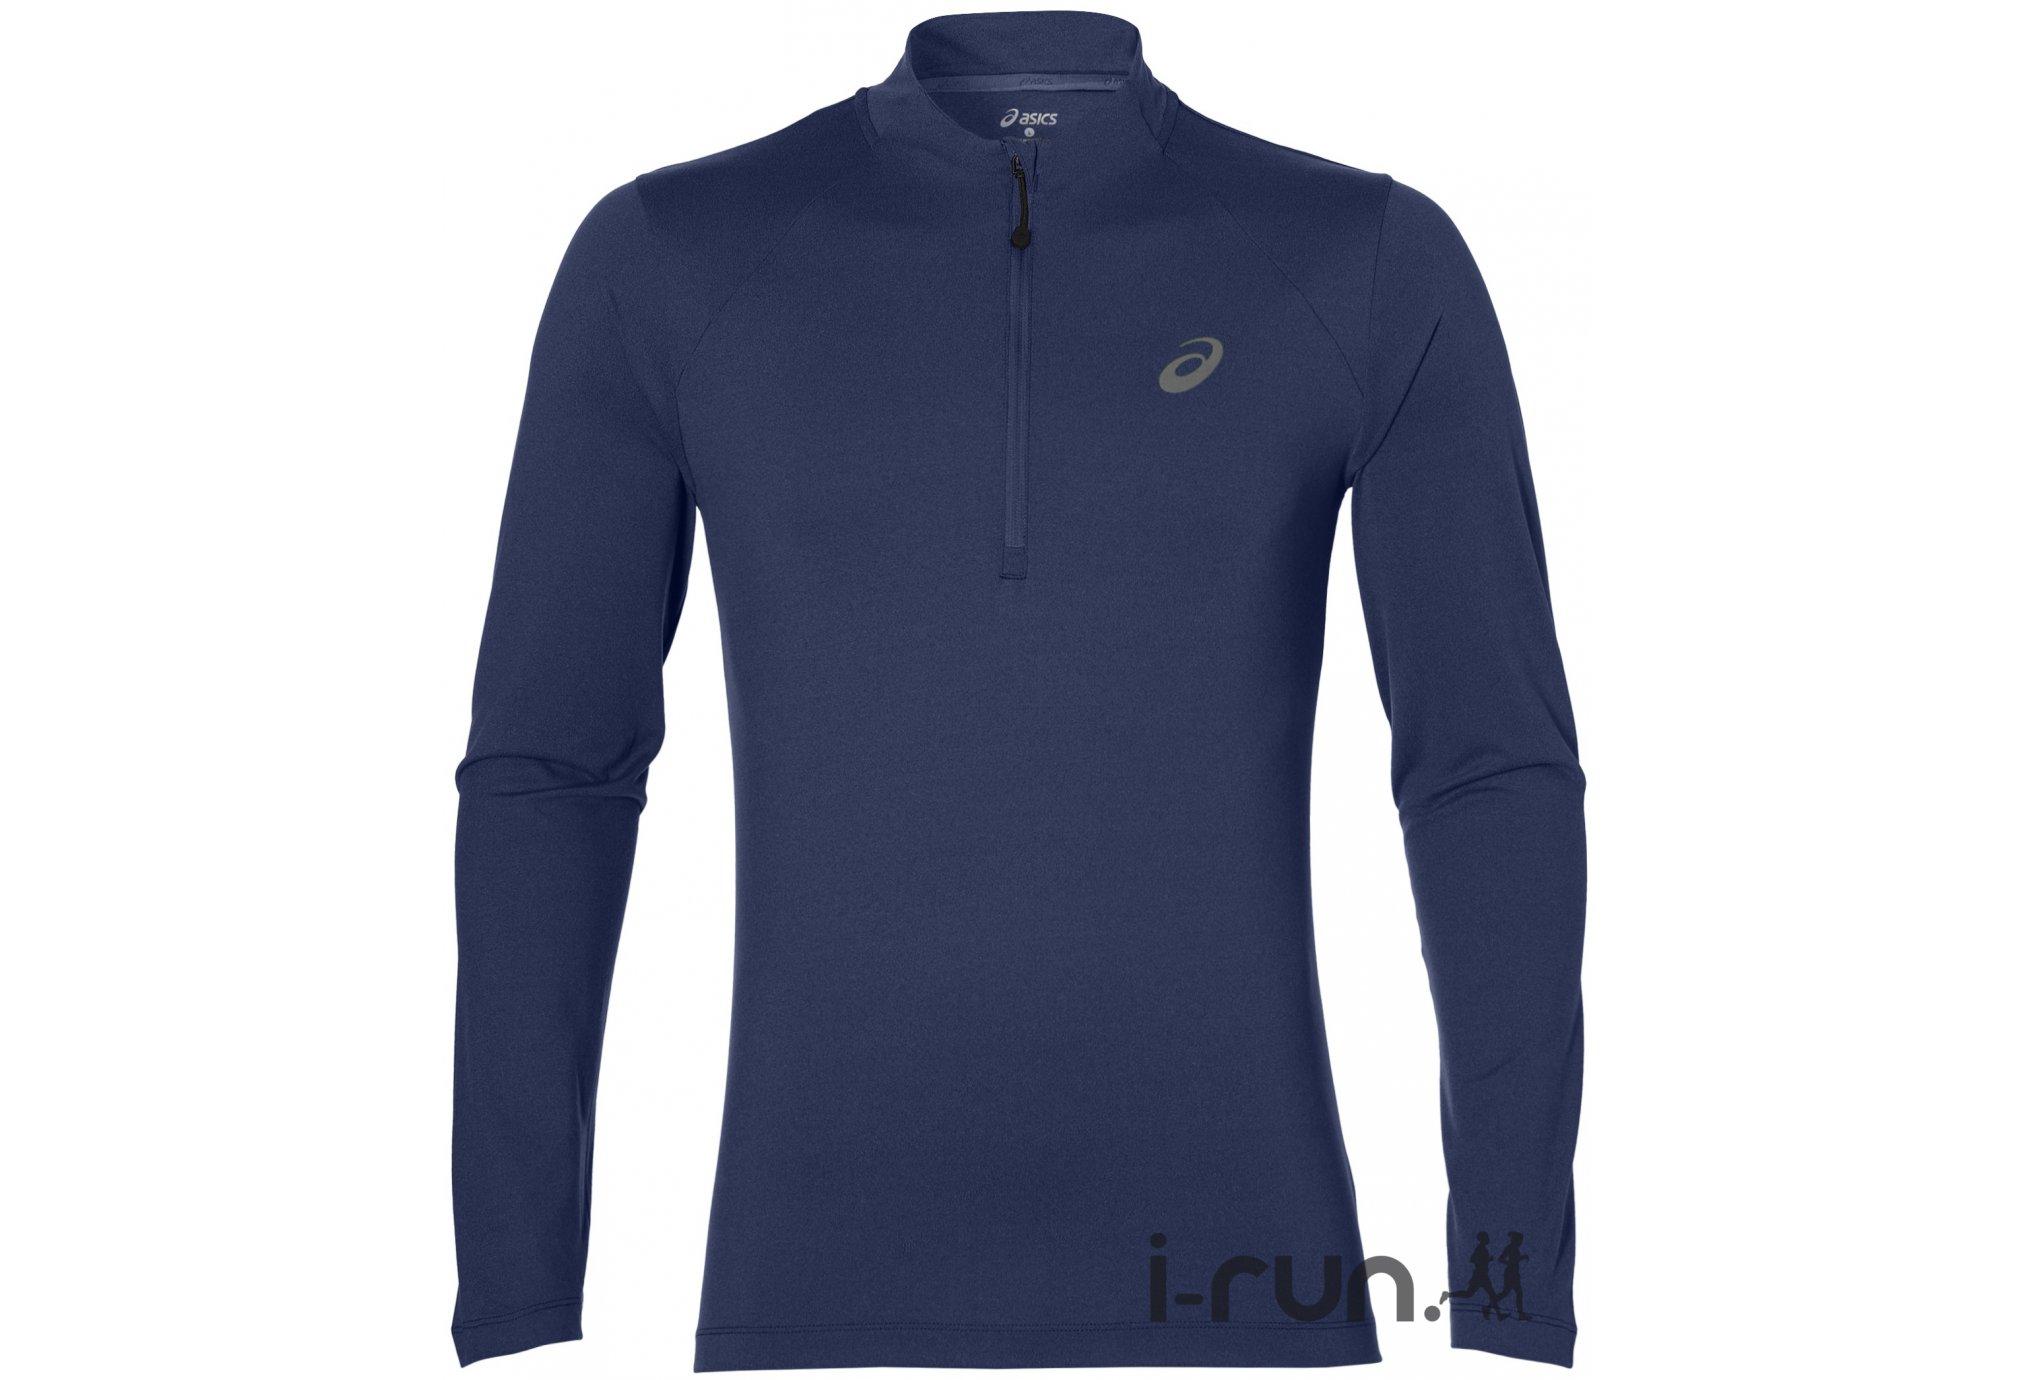 Asics LS 1/2 Zip Jersey M vêtement running homme